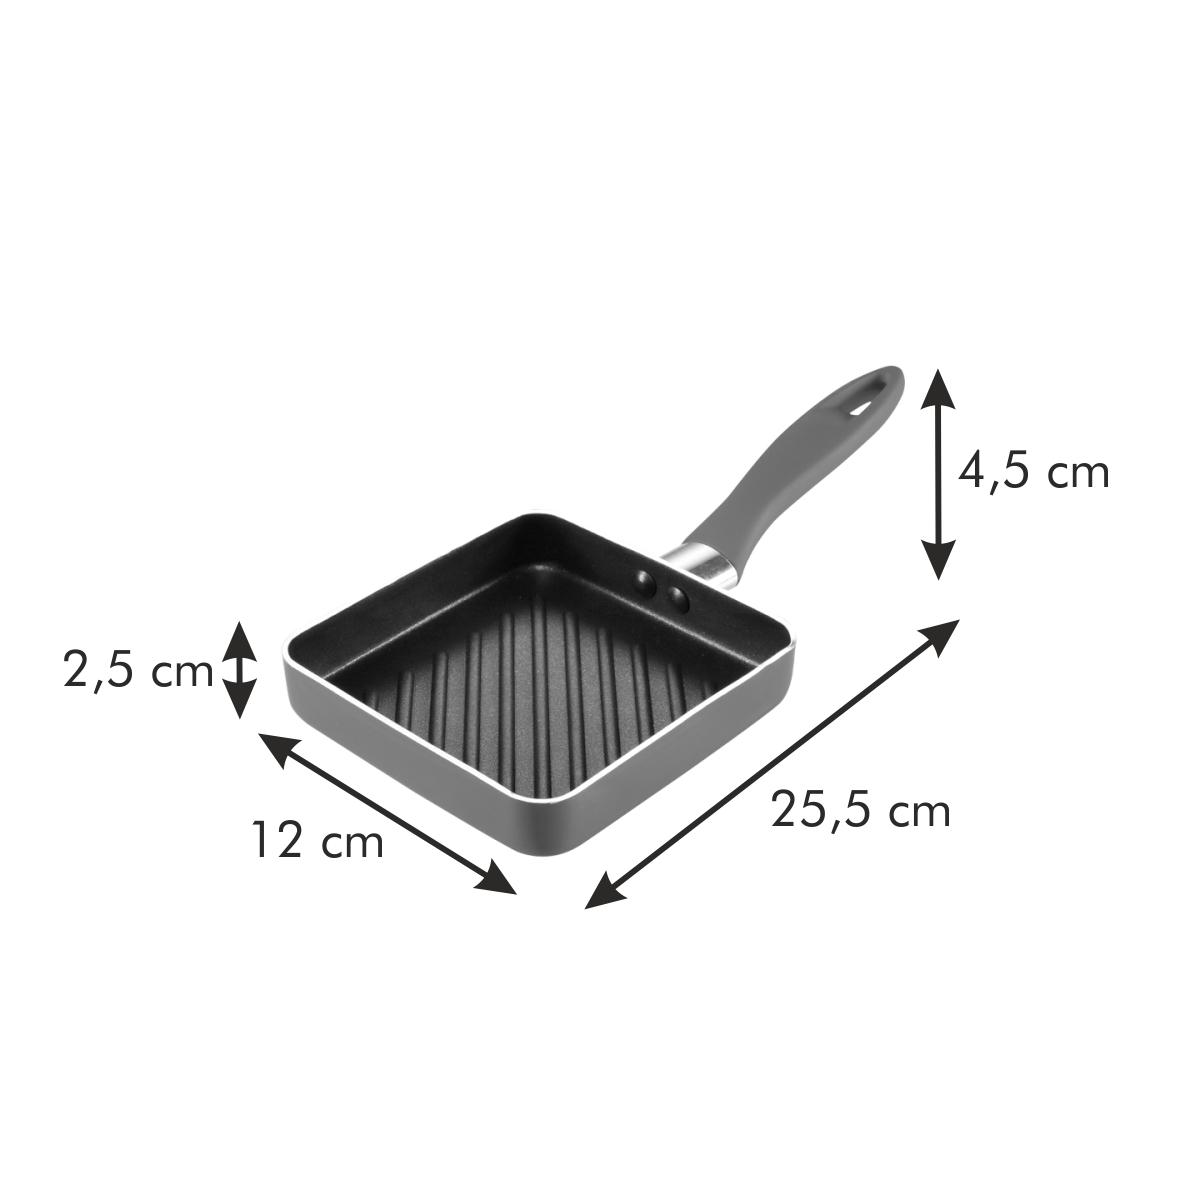 Pánev grilovací PRESTO MINI 12 x 12 cm